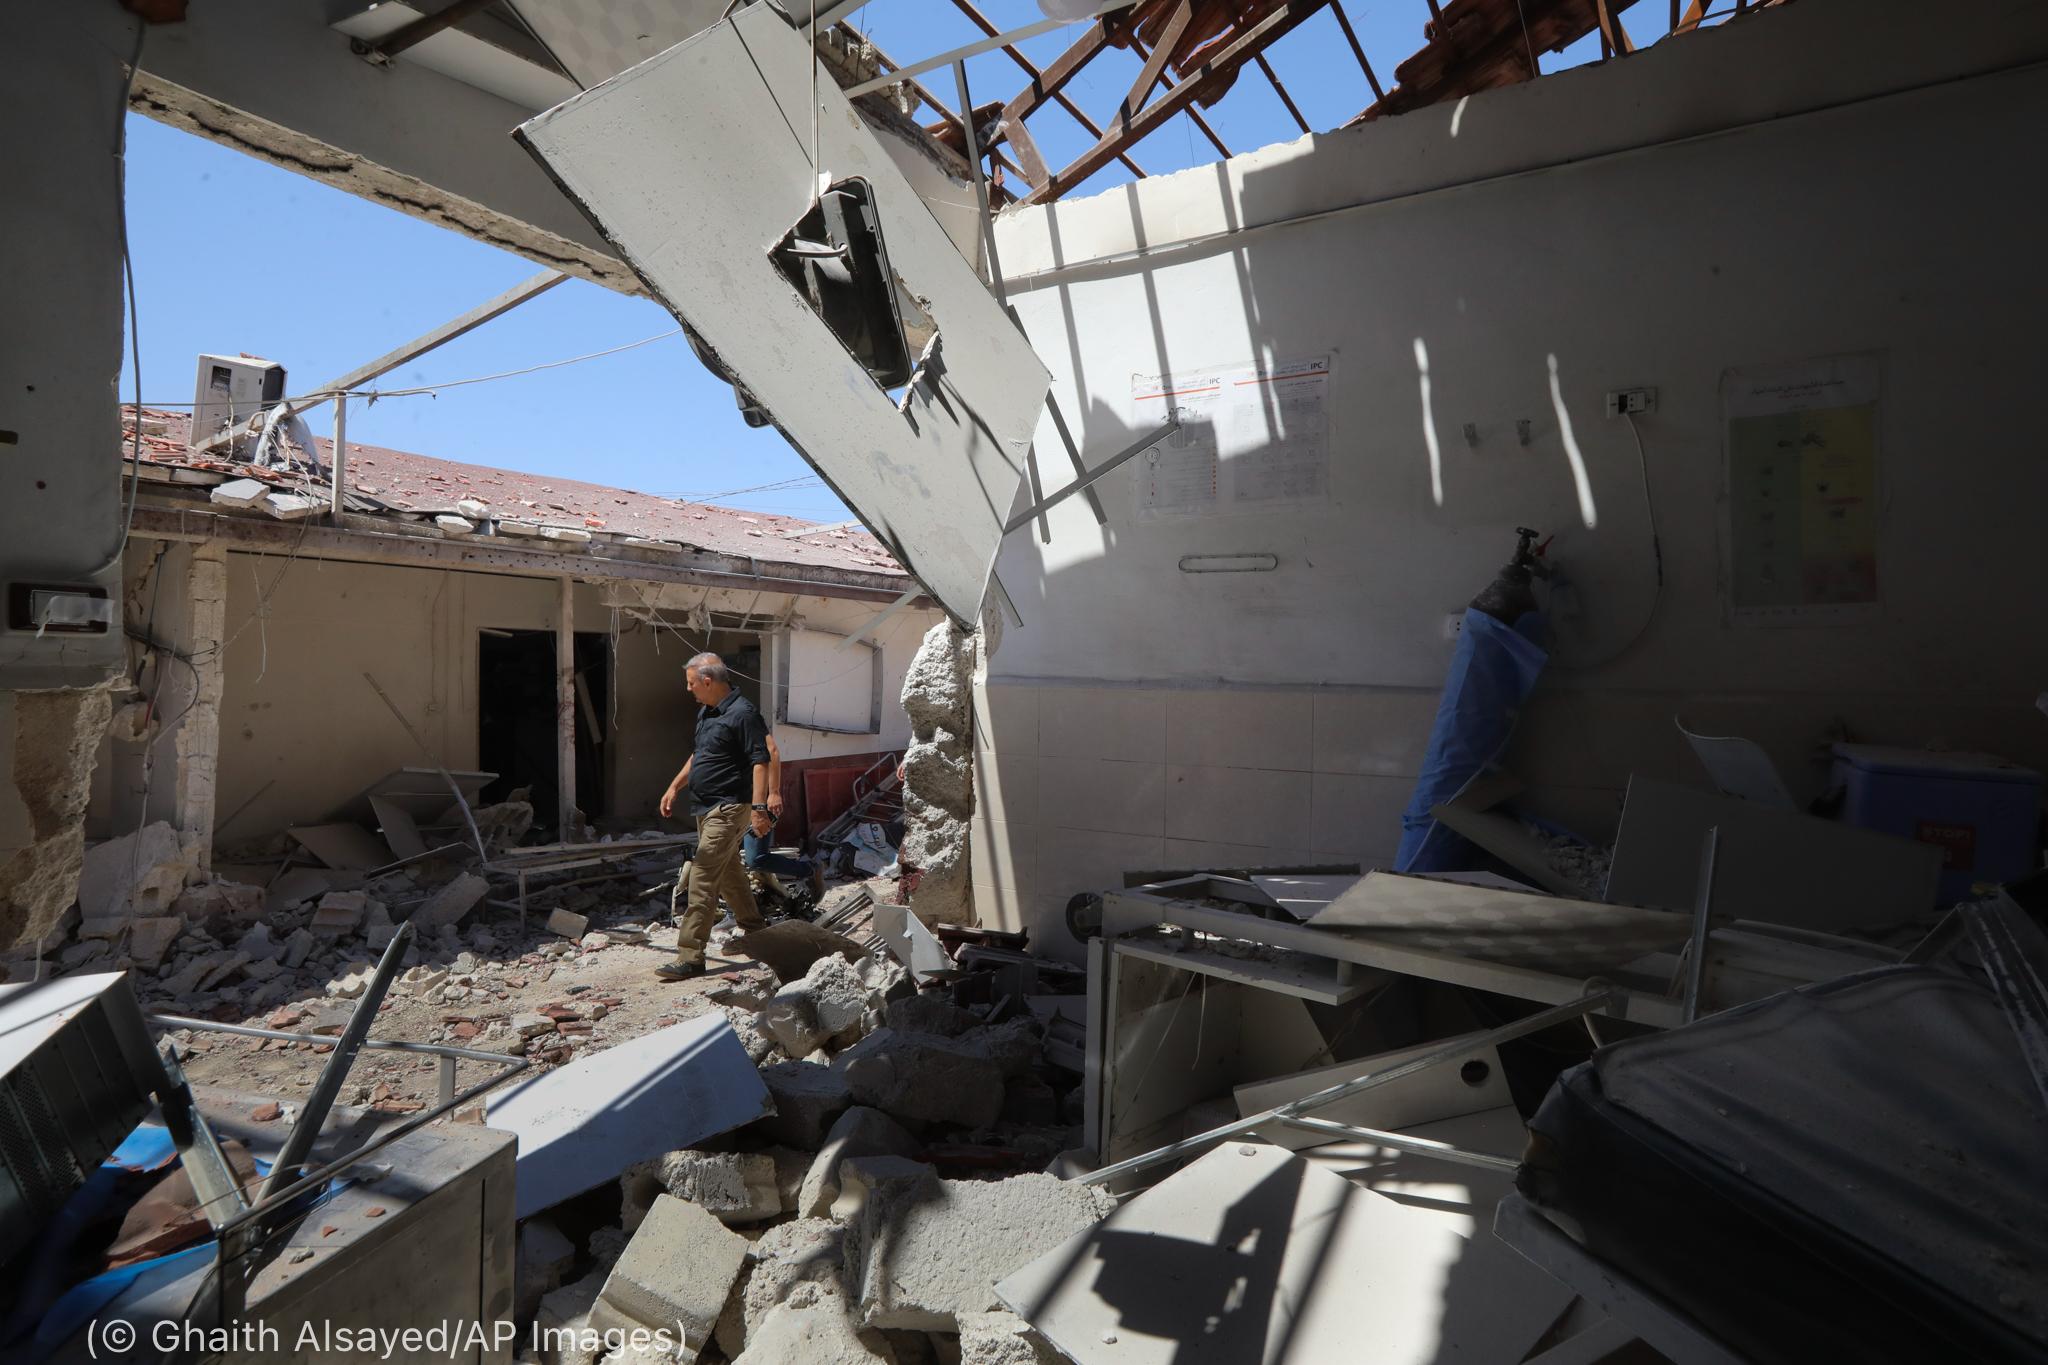 Un homme marchant dans les décombres d'un hôpital détruit (© Ghaith Alsayed/AP Images)